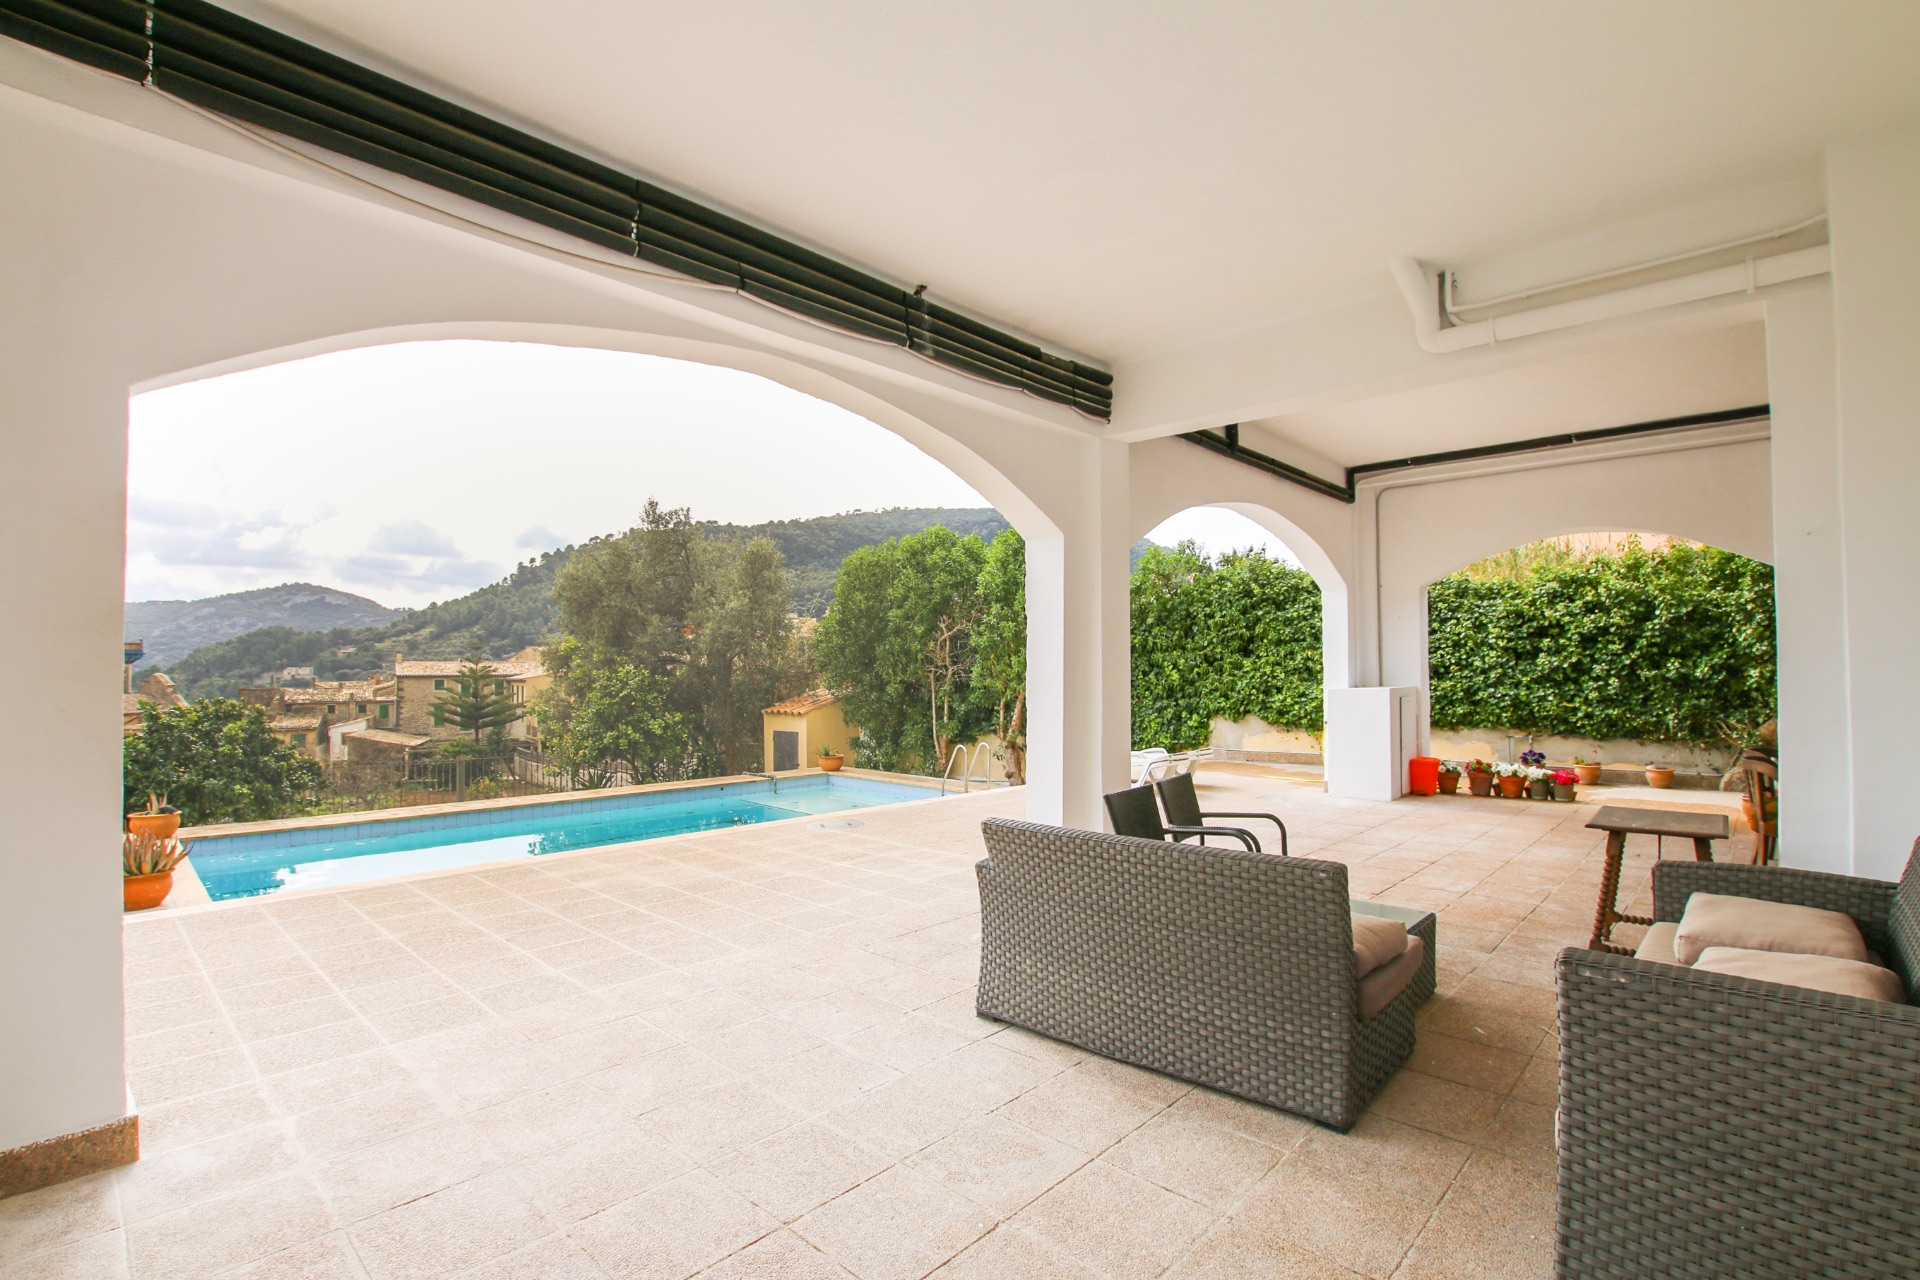 Casa / Chalet en Valldemosa, Valledemossa, venta